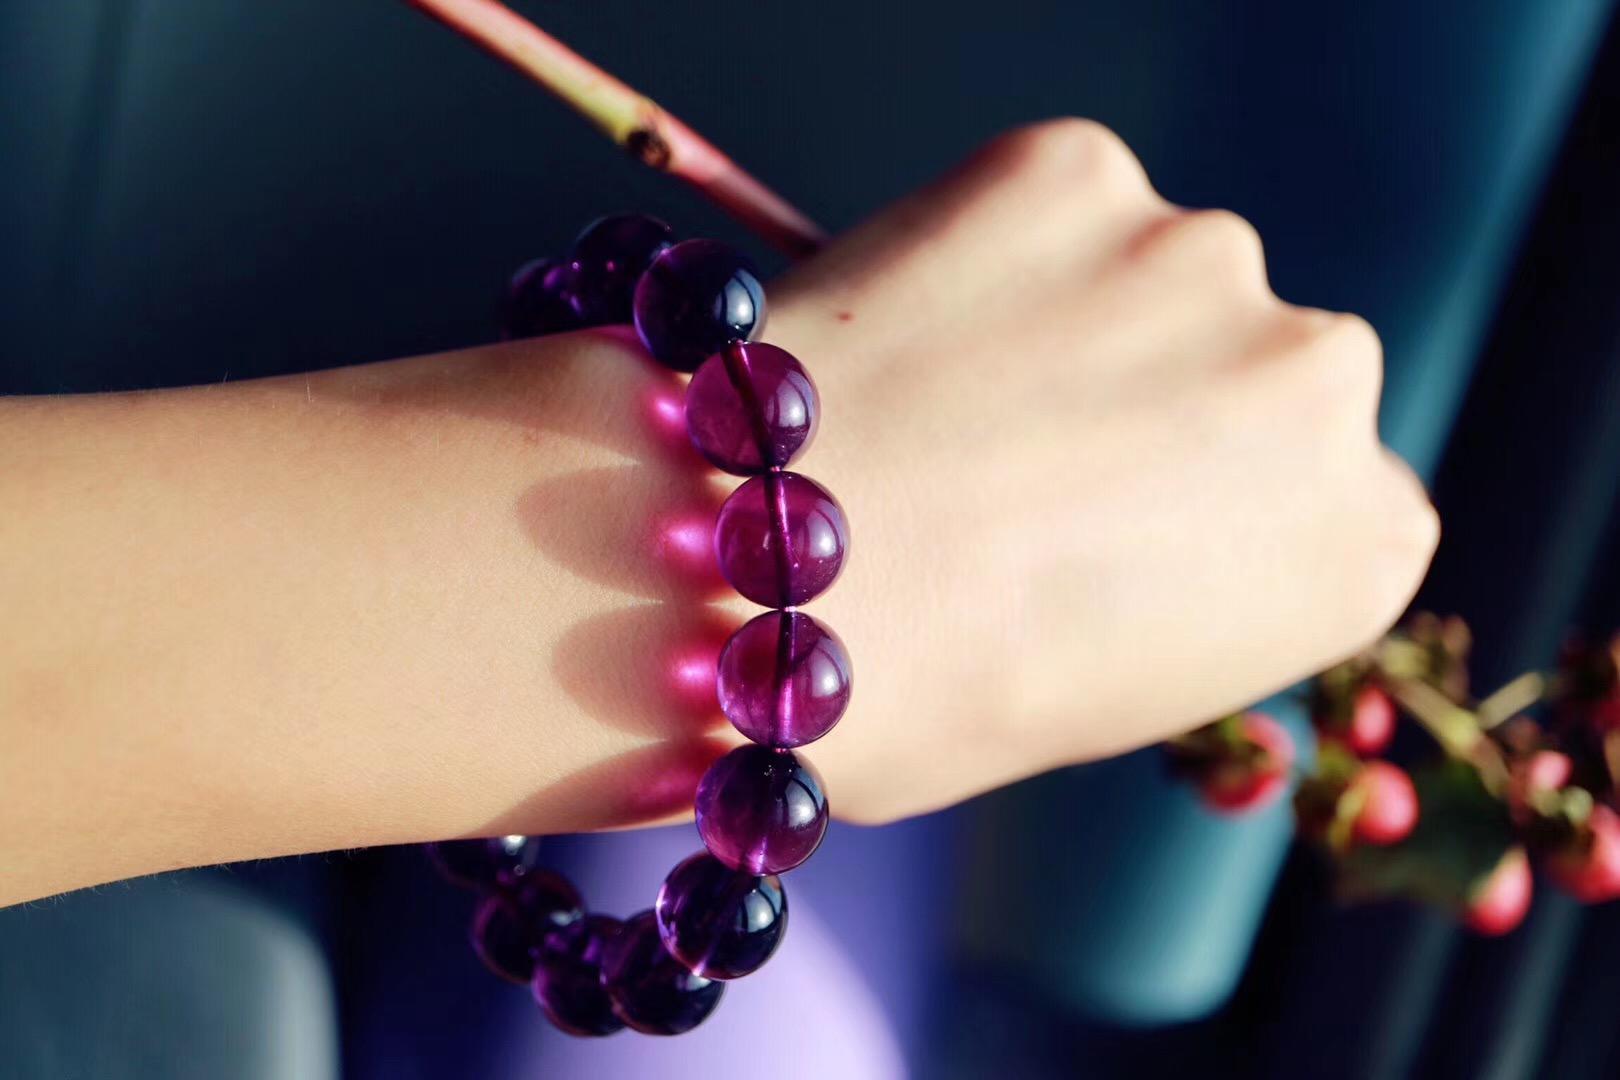 【紫水晶】 紫色系的浪漫与高贵-菩心晶舍